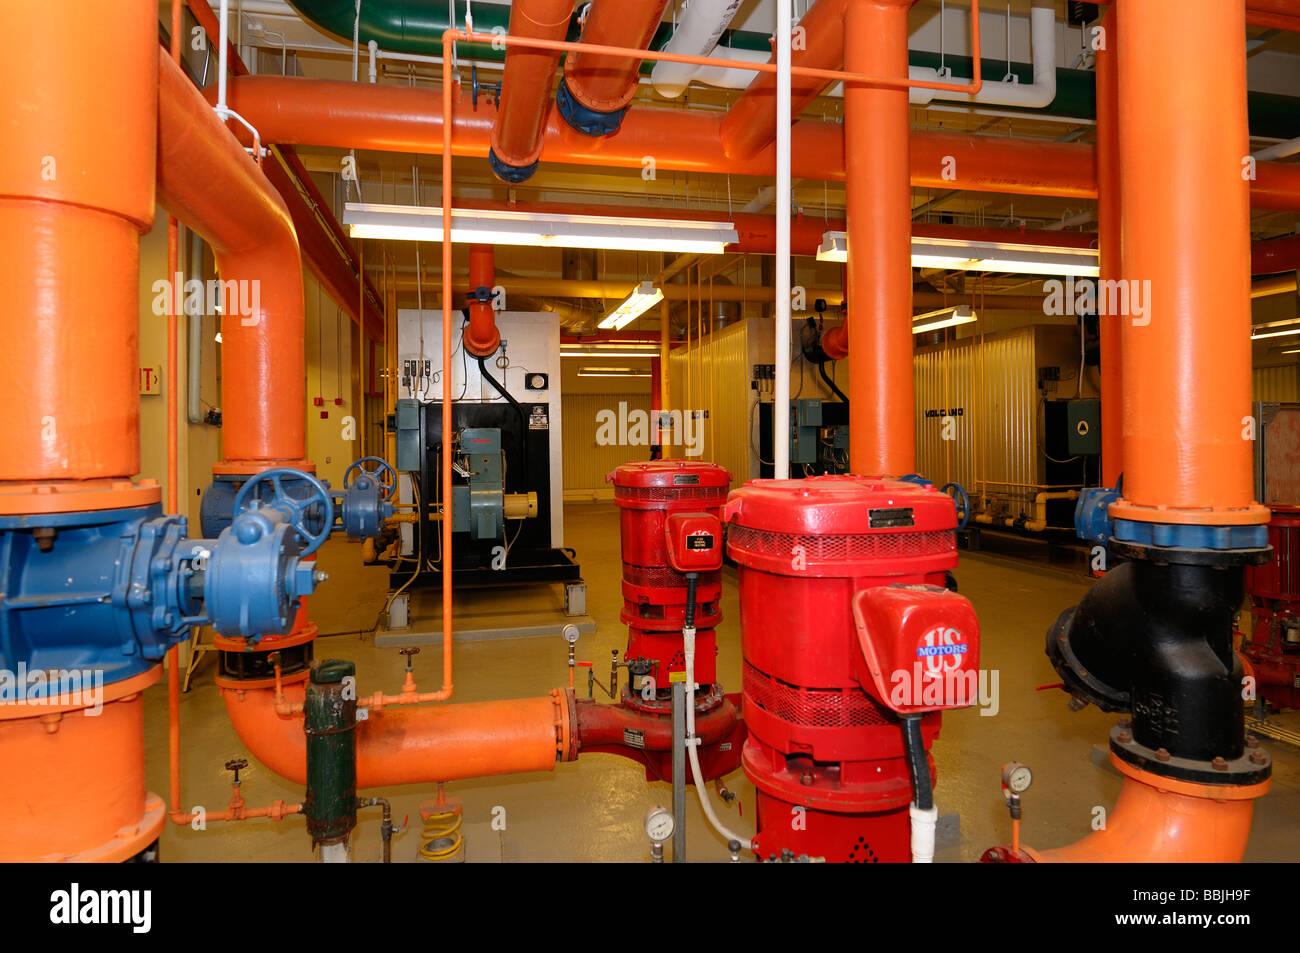 Rangée de fours et conduites d'eau chaude orange peint dans la chaufferie d'un immeuble de bureaux Photo Stock